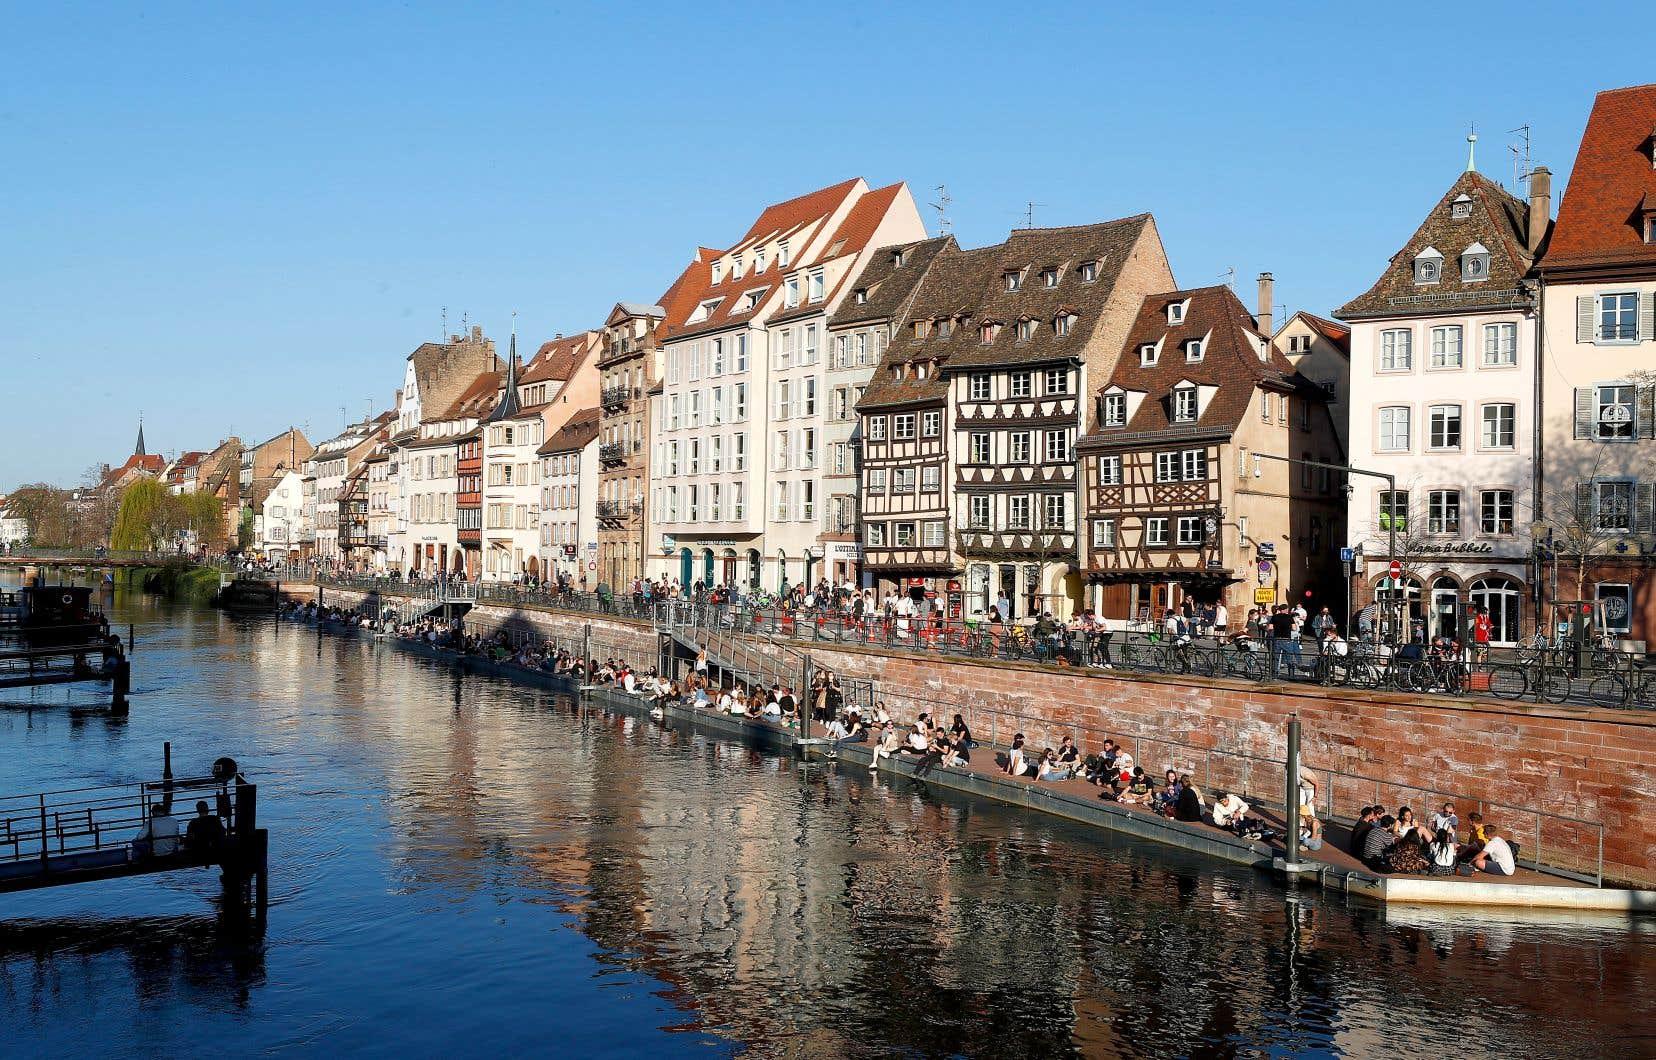 Des gens sur la rive de l'Ill à Strasbourg, en France. Le pays a donné mercredi un nouveau tour de vis contre la pandémie, à l'image d'autres pays d'Europe.